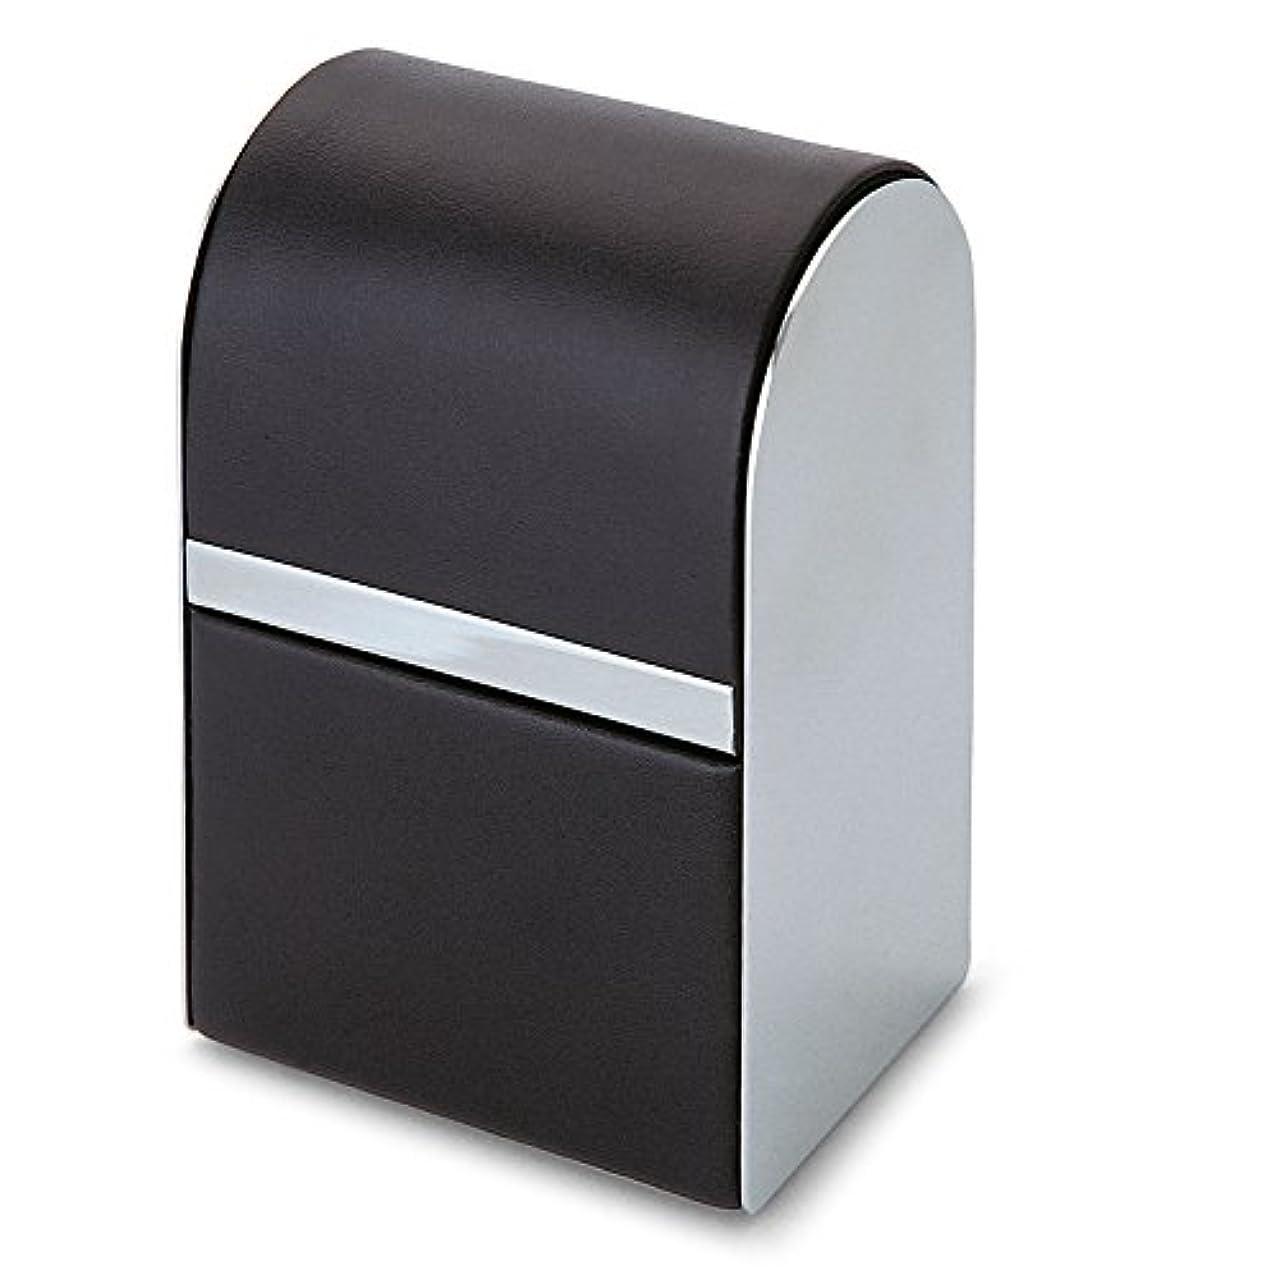 年分類クラウドPhilippi Giorgio メンズ身だしなみキット 7pcsセット leather stainless polished